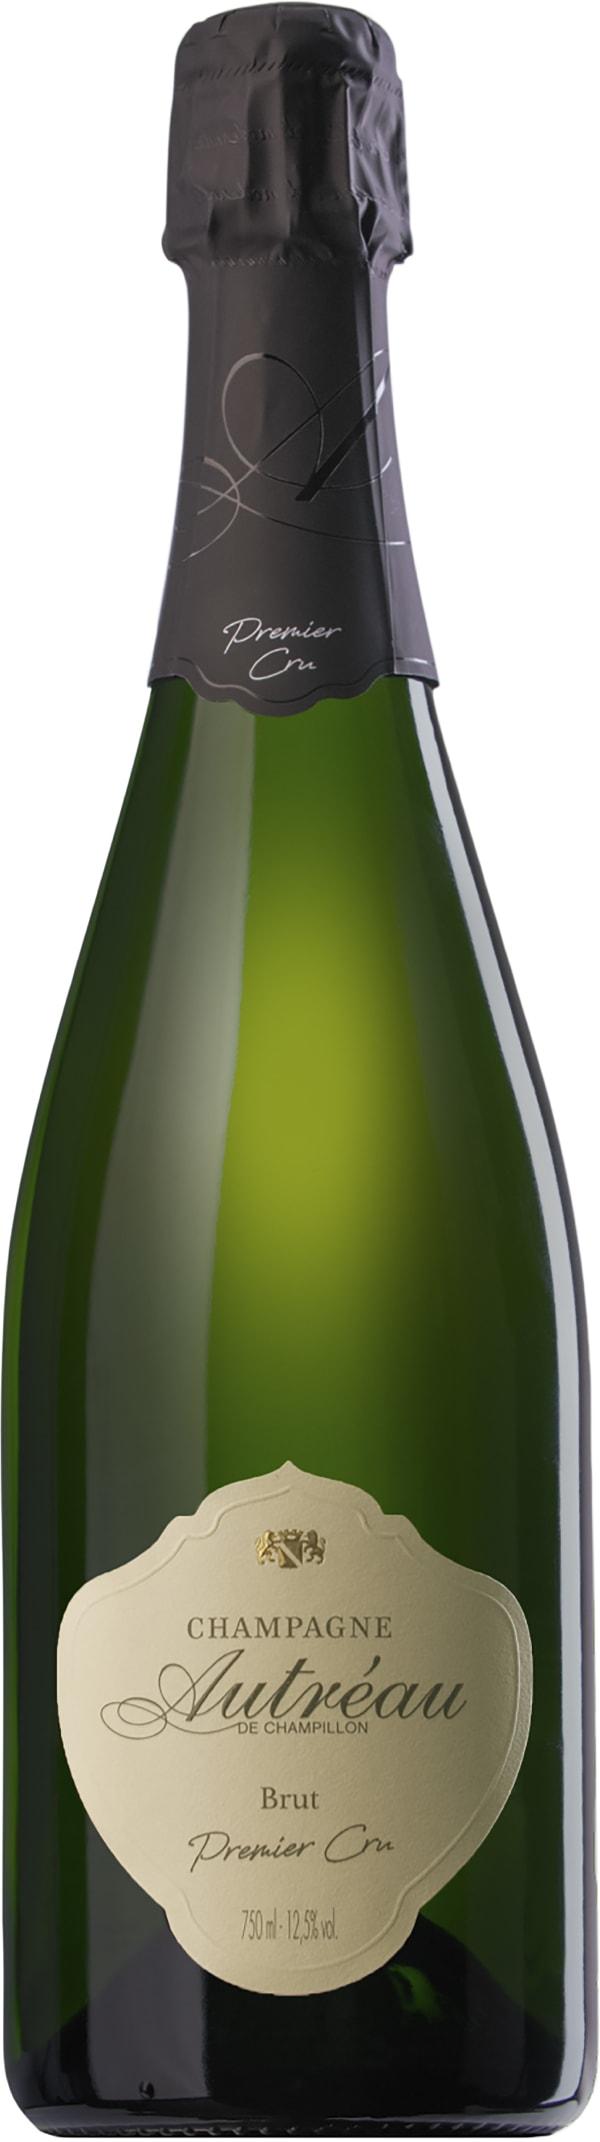 Autréau de Champillon Premier Cru Champagne Brut